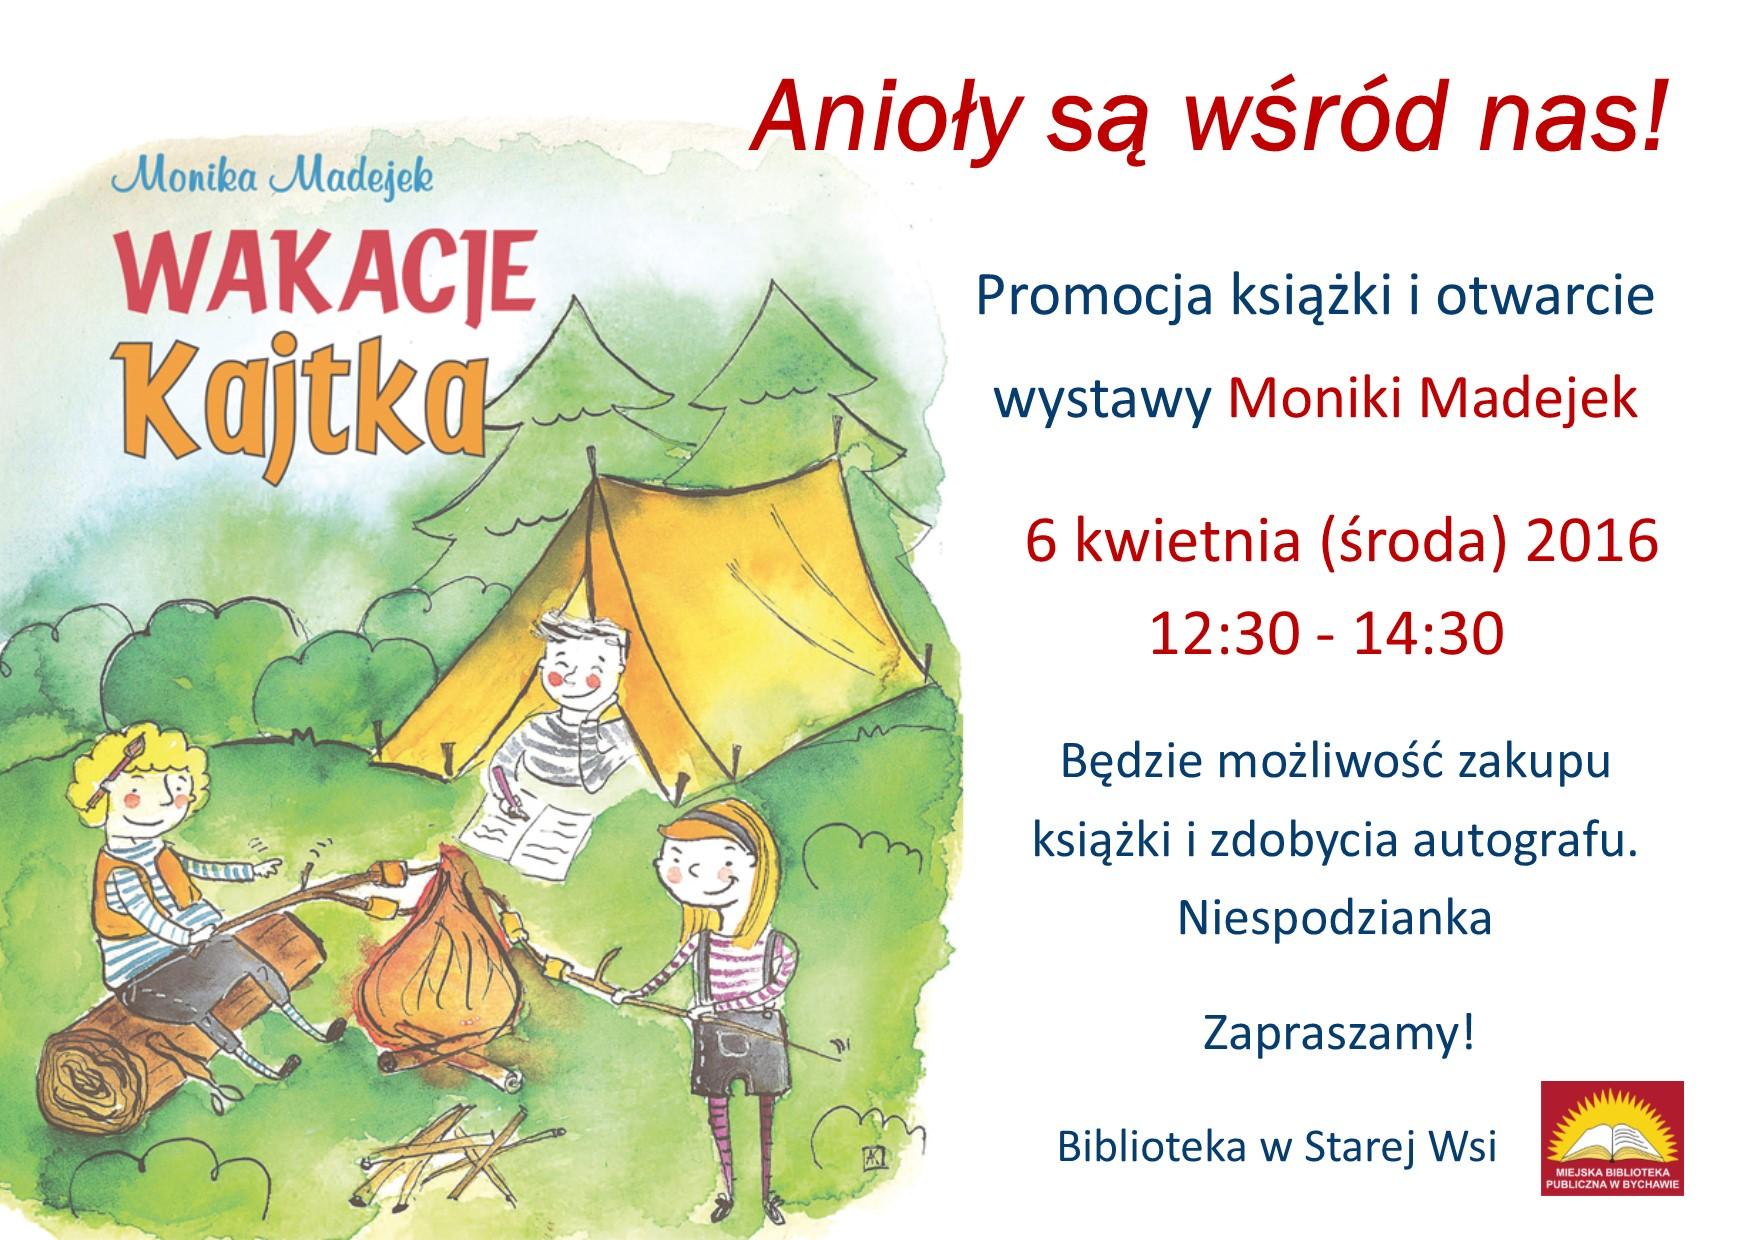 2016-04-06_monika madejek_wystawa_promocja